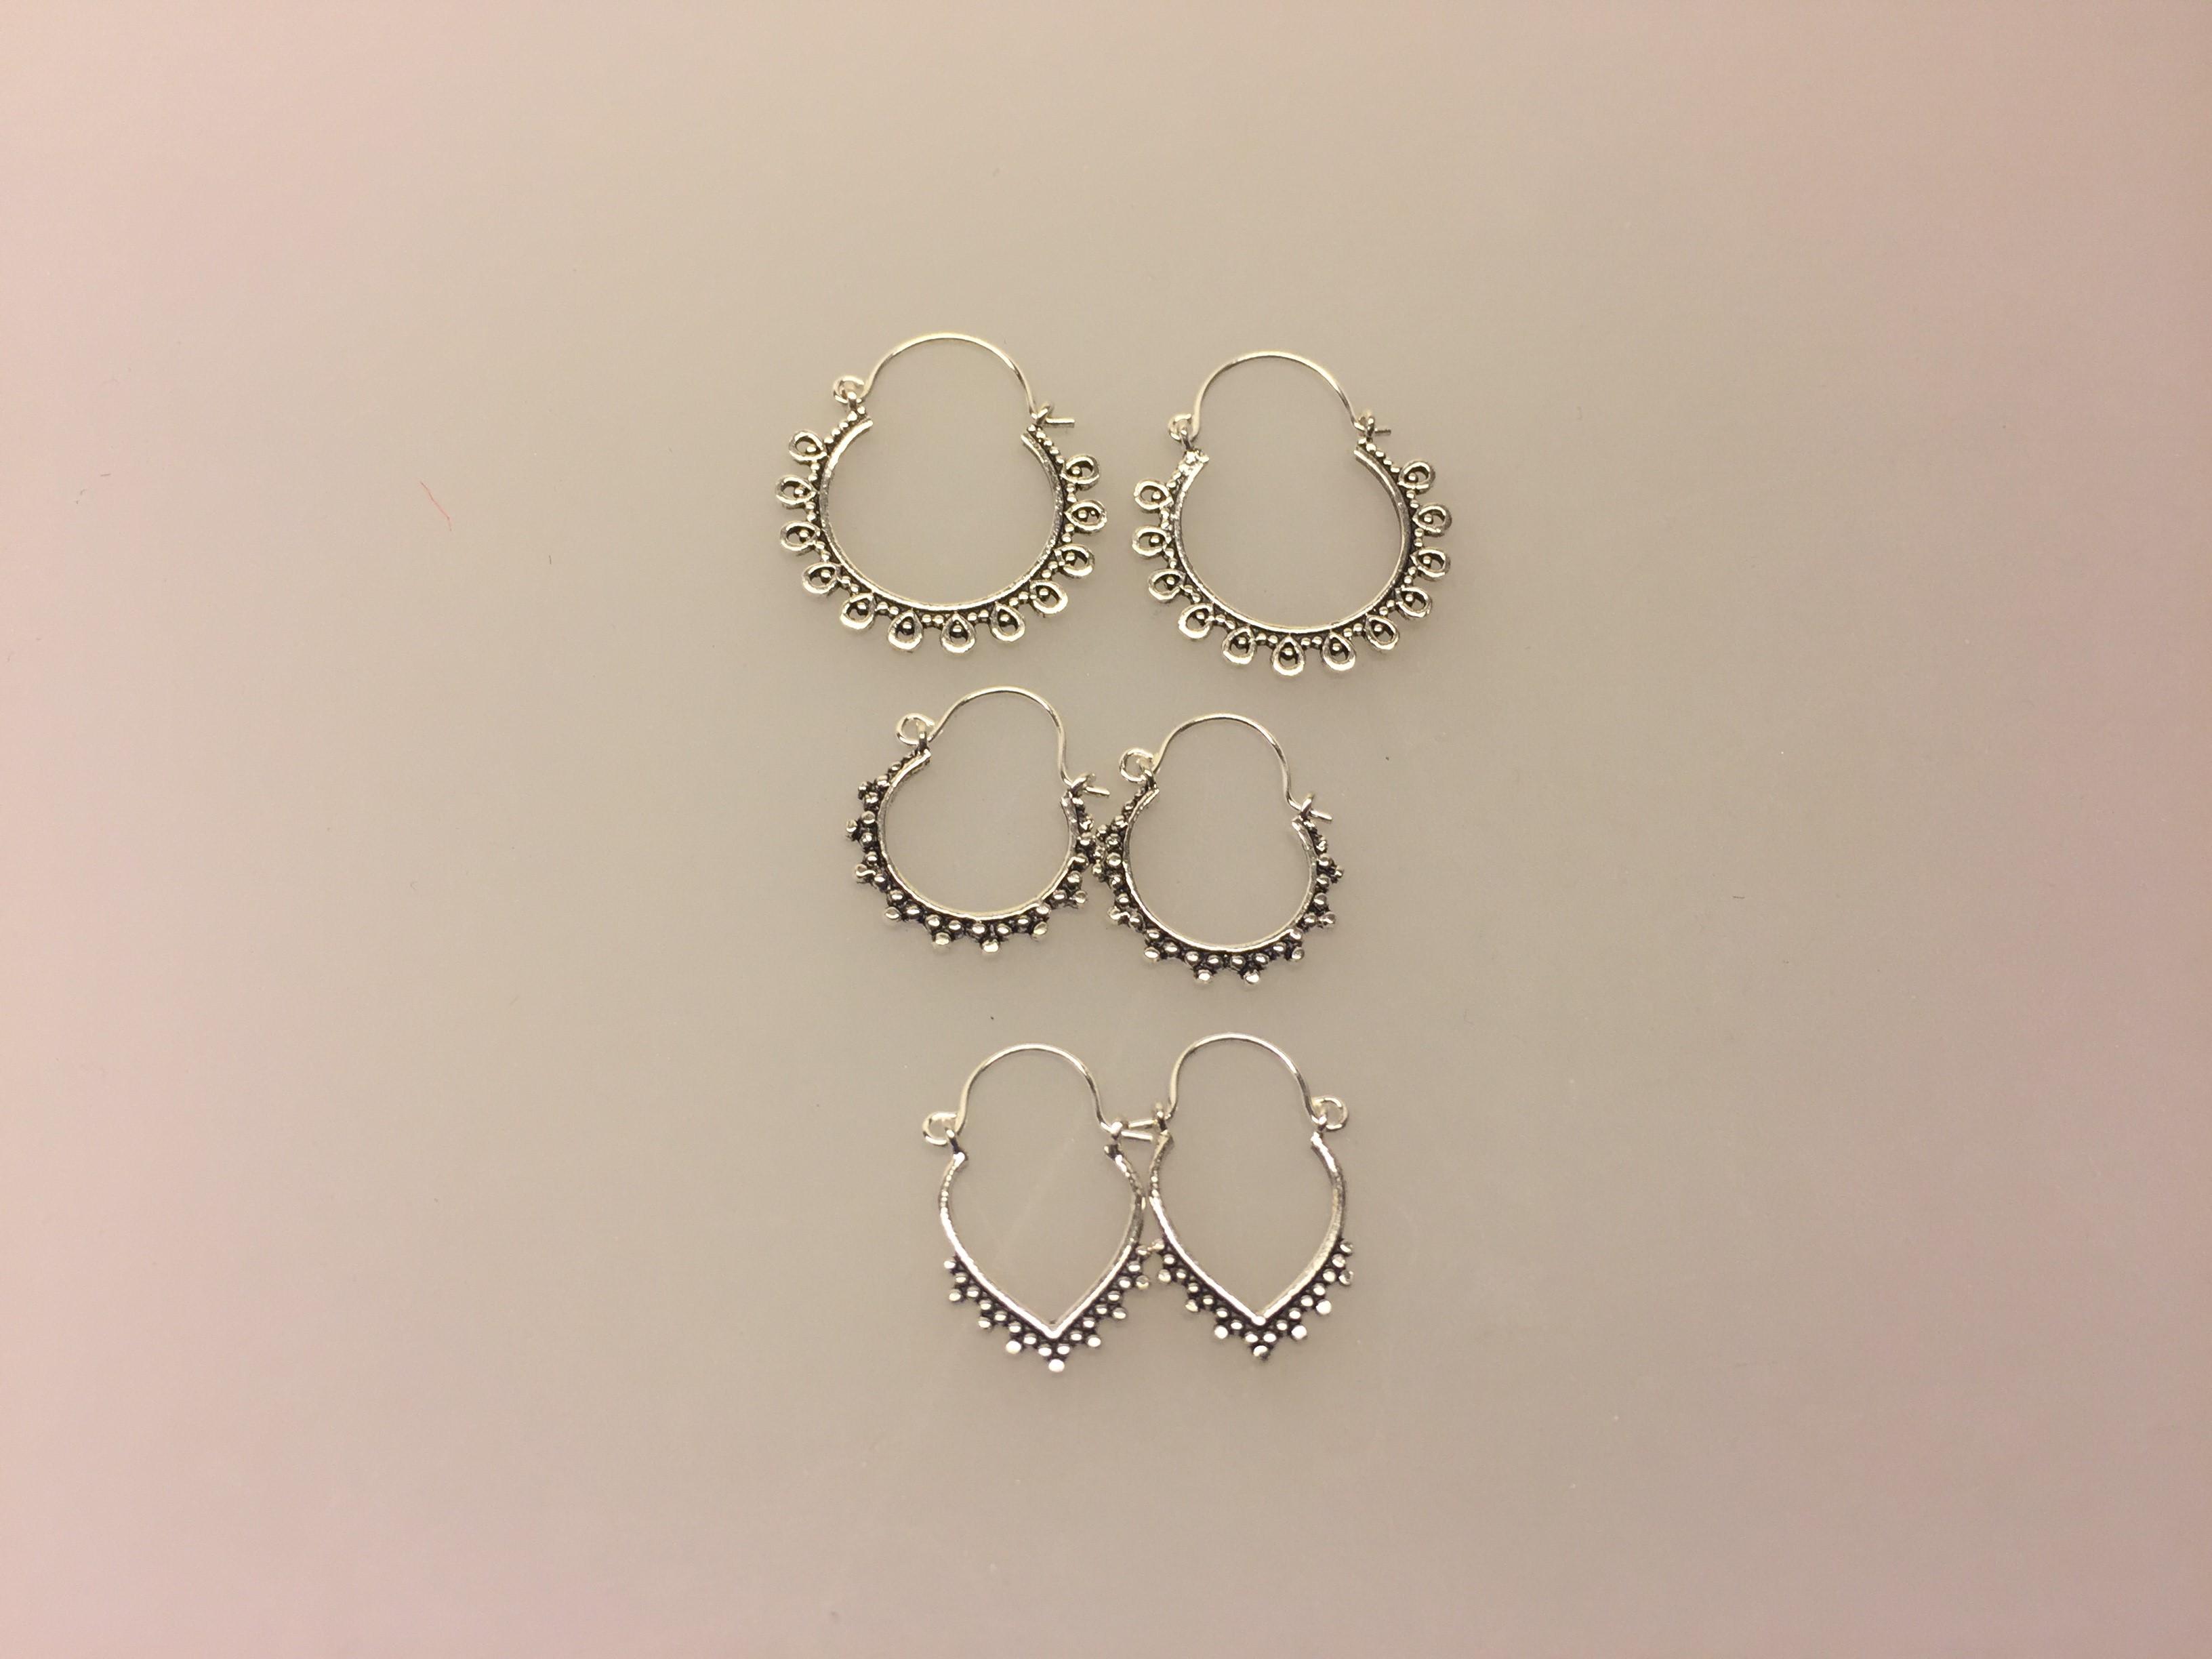 Ø 12 mm Creol øreringe sølv - hjertebøjle med fint mønster, Creol øreringe sølv - bøjle med fint mønster, hoops, loops, runde, øreringe, ringe, ørenringe, bali, boho, hippie, stylish, cool, ægte, sølv, sterling sølv, billige, lave priser, kvalitet, små, specielle, mønster, maanesten